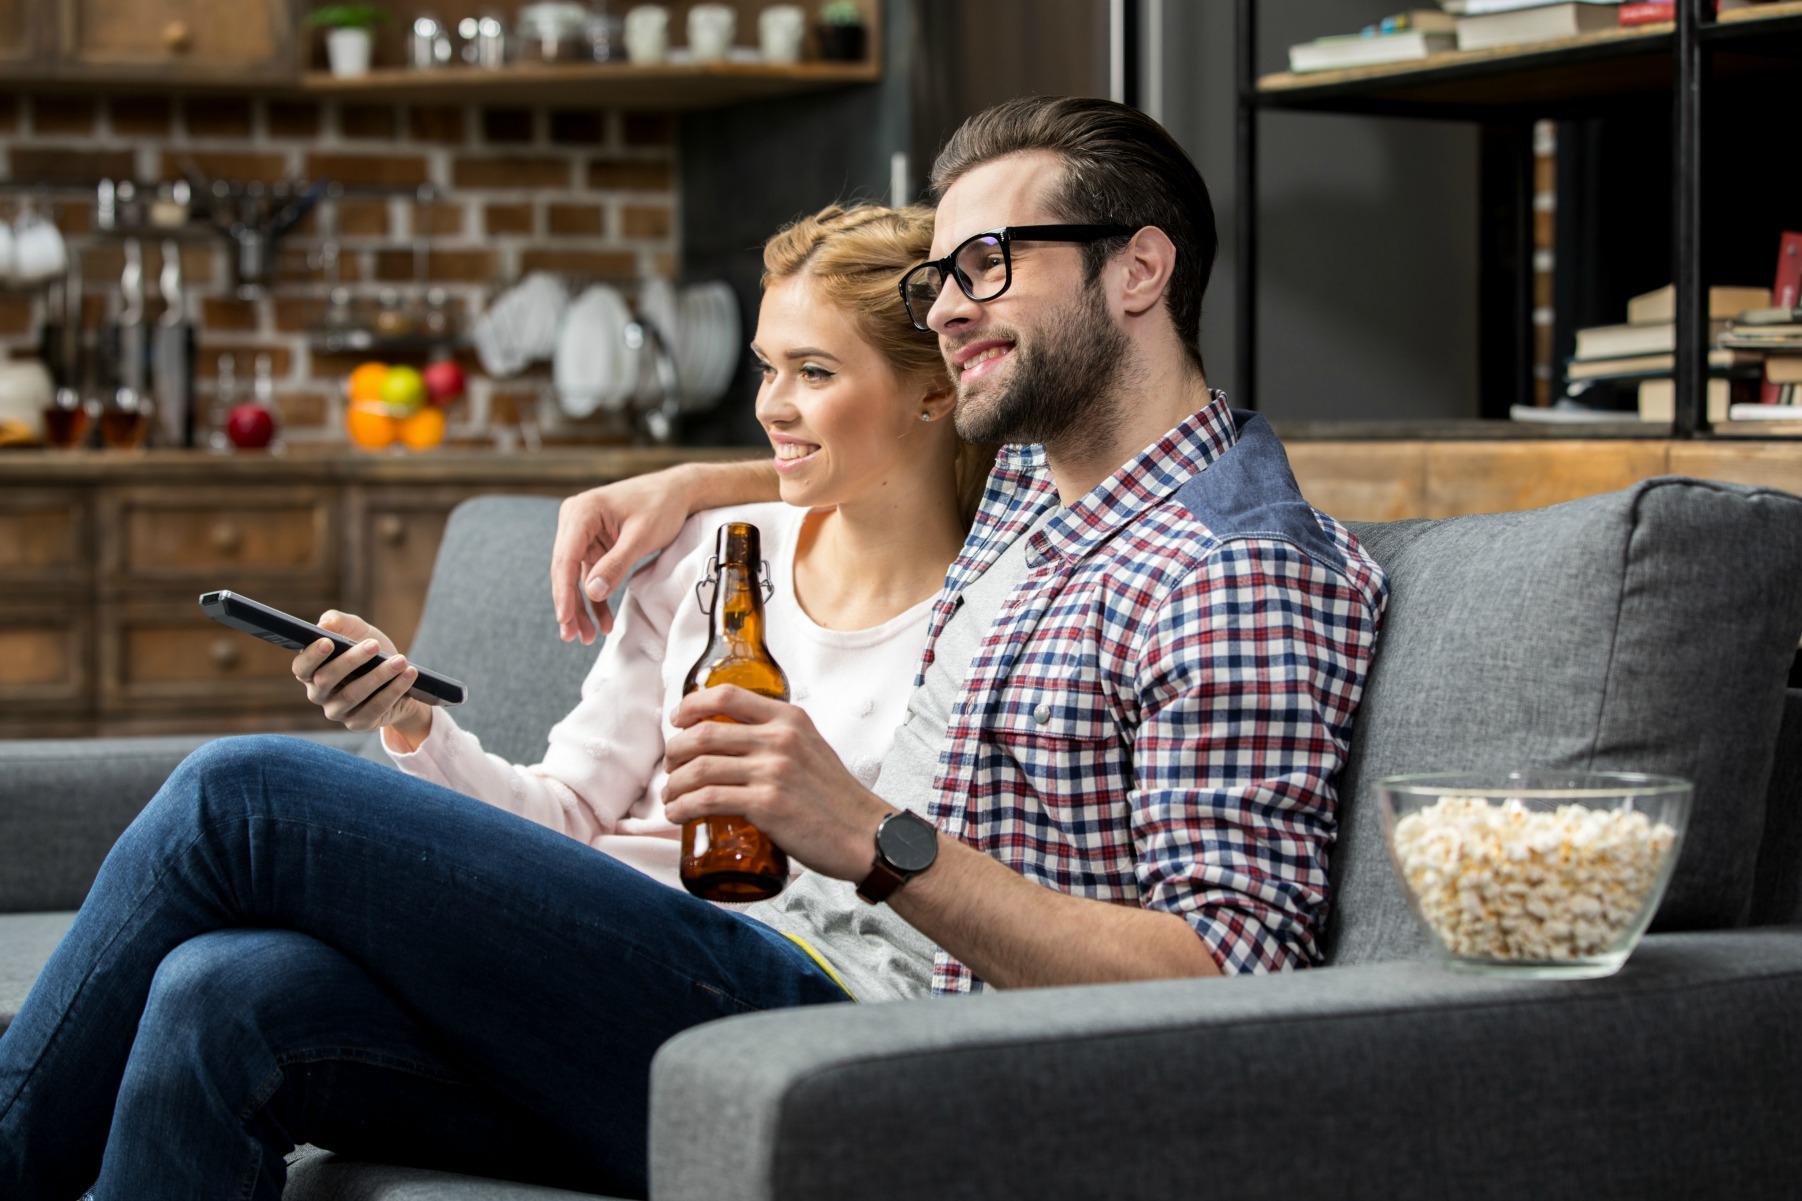 par, tv, hygge, afslapning, flytte sammen, kæreste, kærester